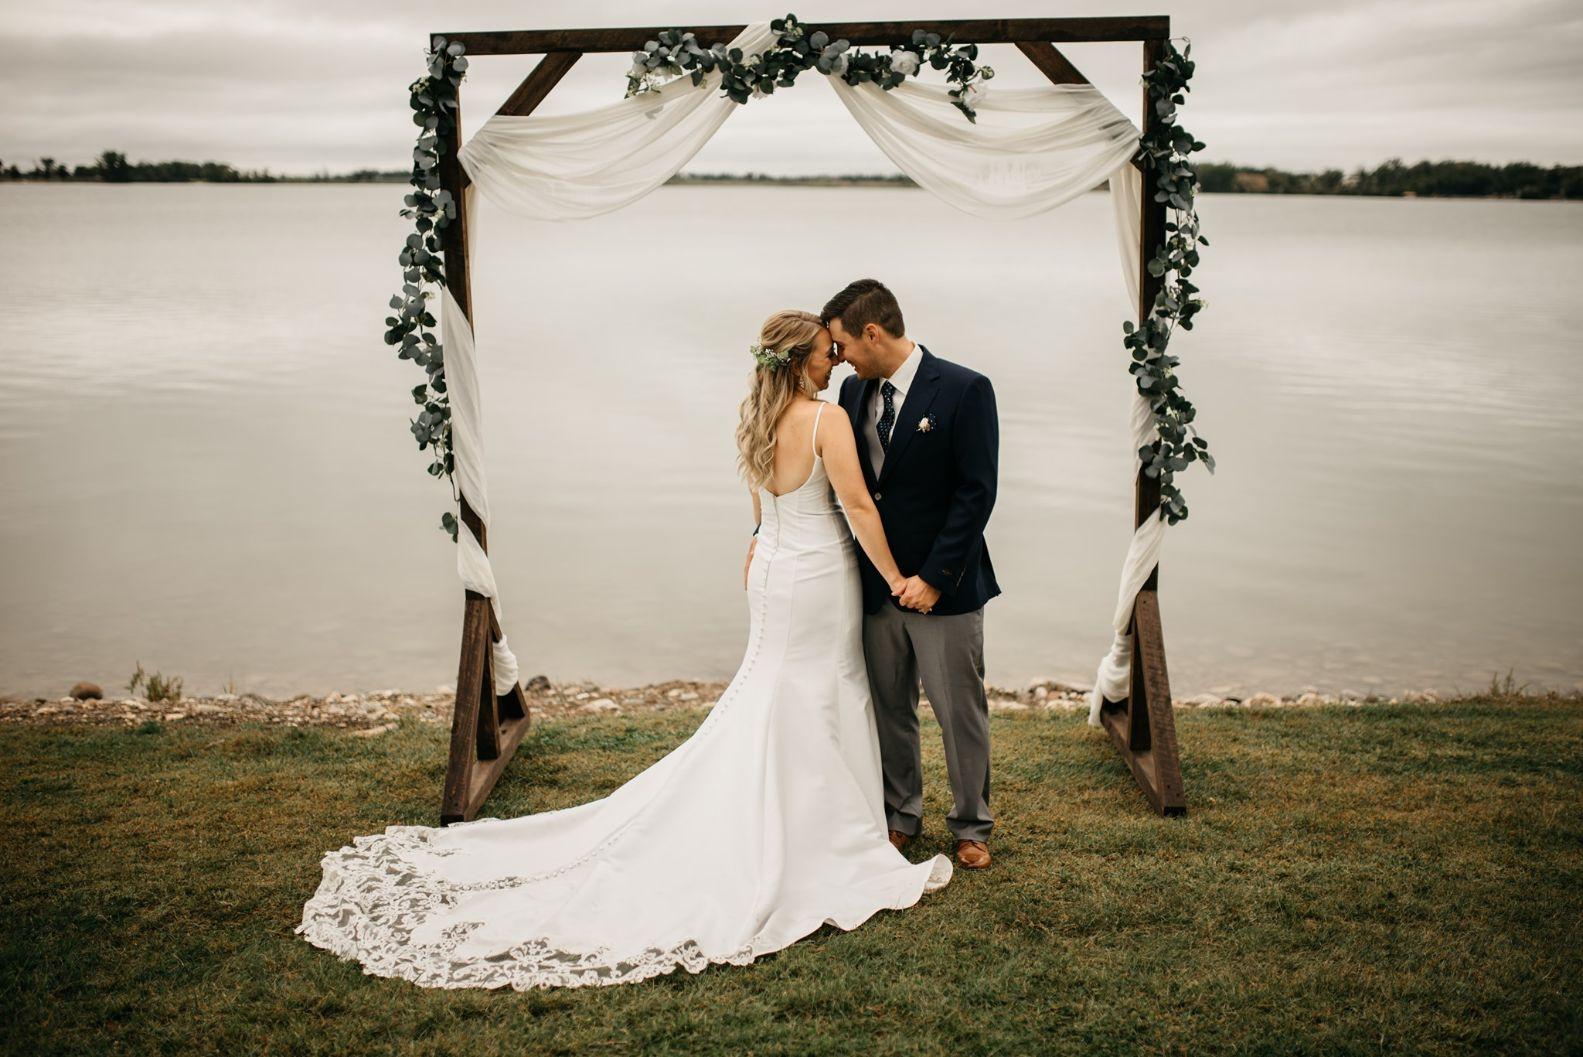 0 Lake Elsie Wedding Barn Fargo ND Wedding Venue 1